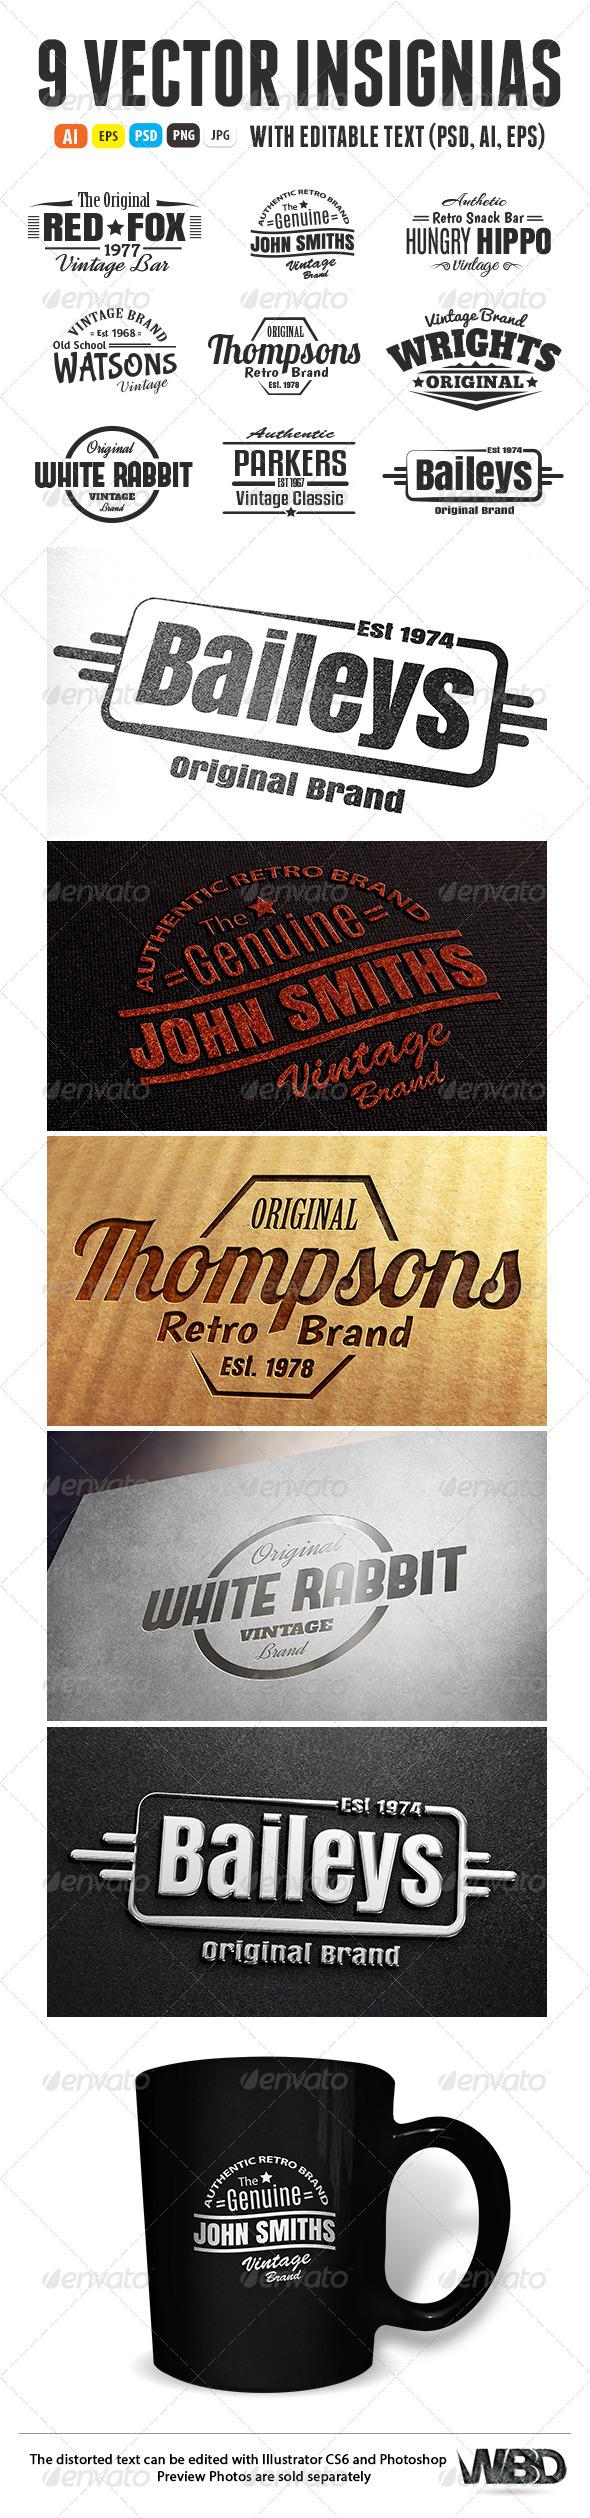 GraphicRiver 9 Vintage Retro Insignias 6167105